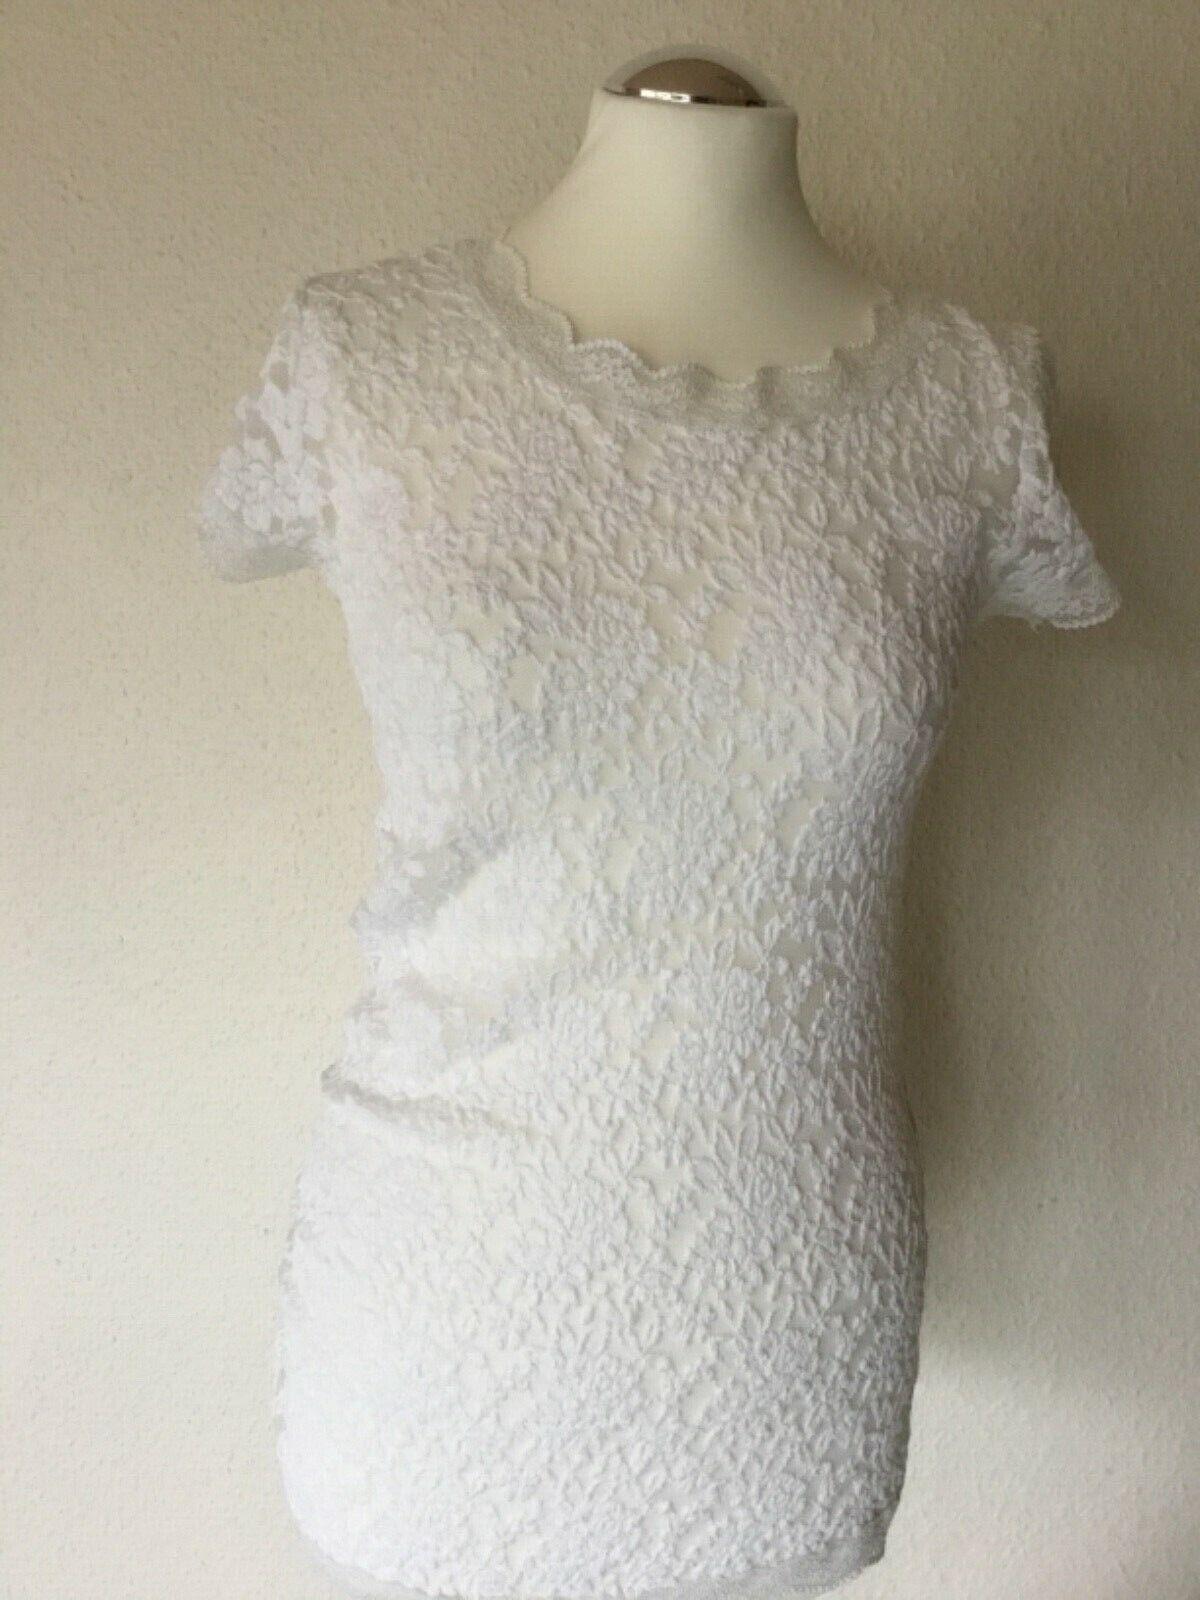 MARC CAIN Spitzen-Shirt, T-Shirt Größe 38, N3, weiß